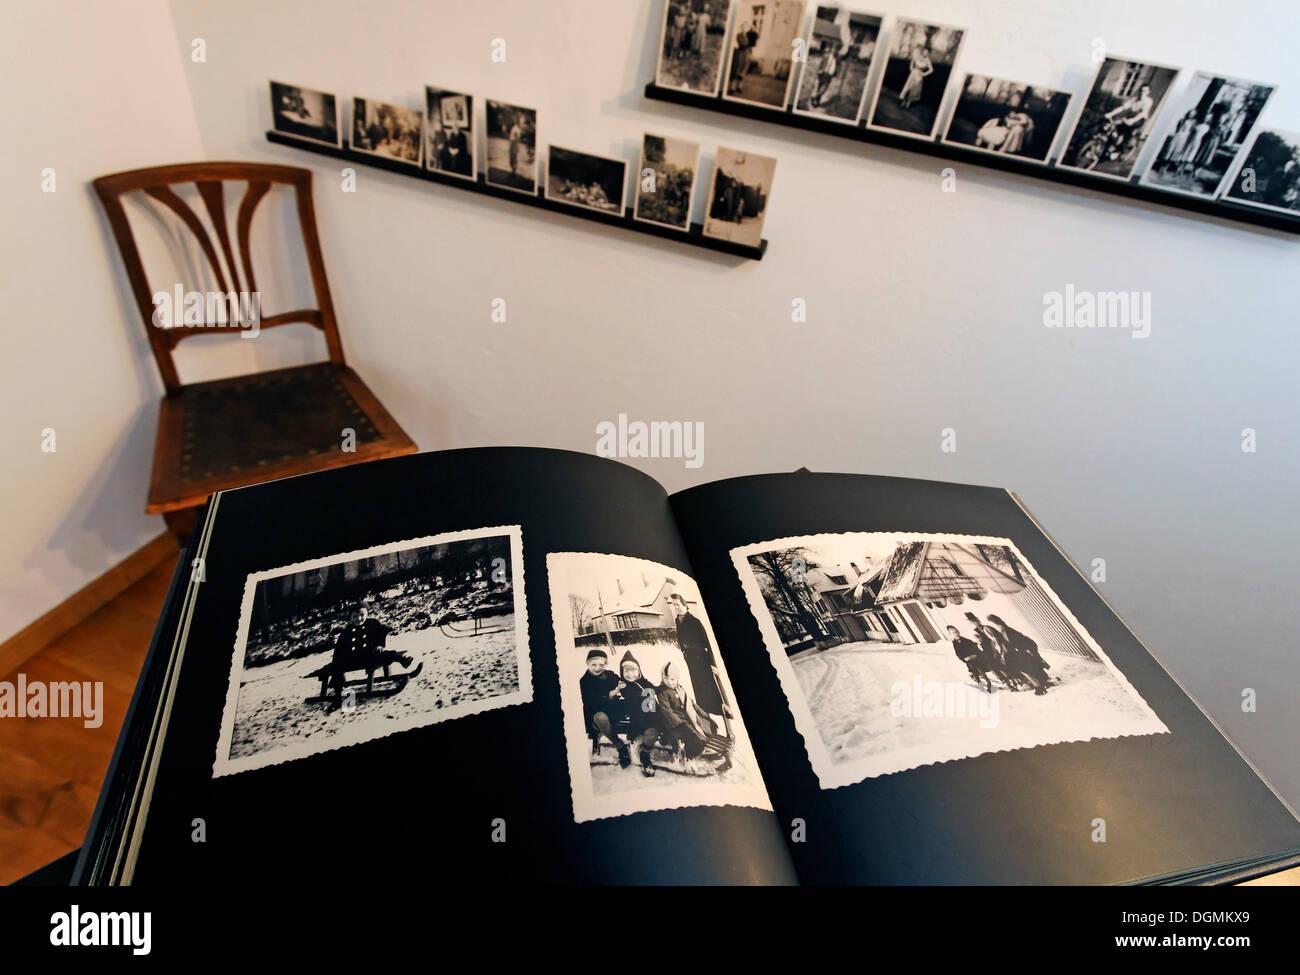 Album photo avec des photographies historiques, les enfants d'employés de l'usine sidérurgique d'abord dans la région de la Ruhr, St. Photo Stock